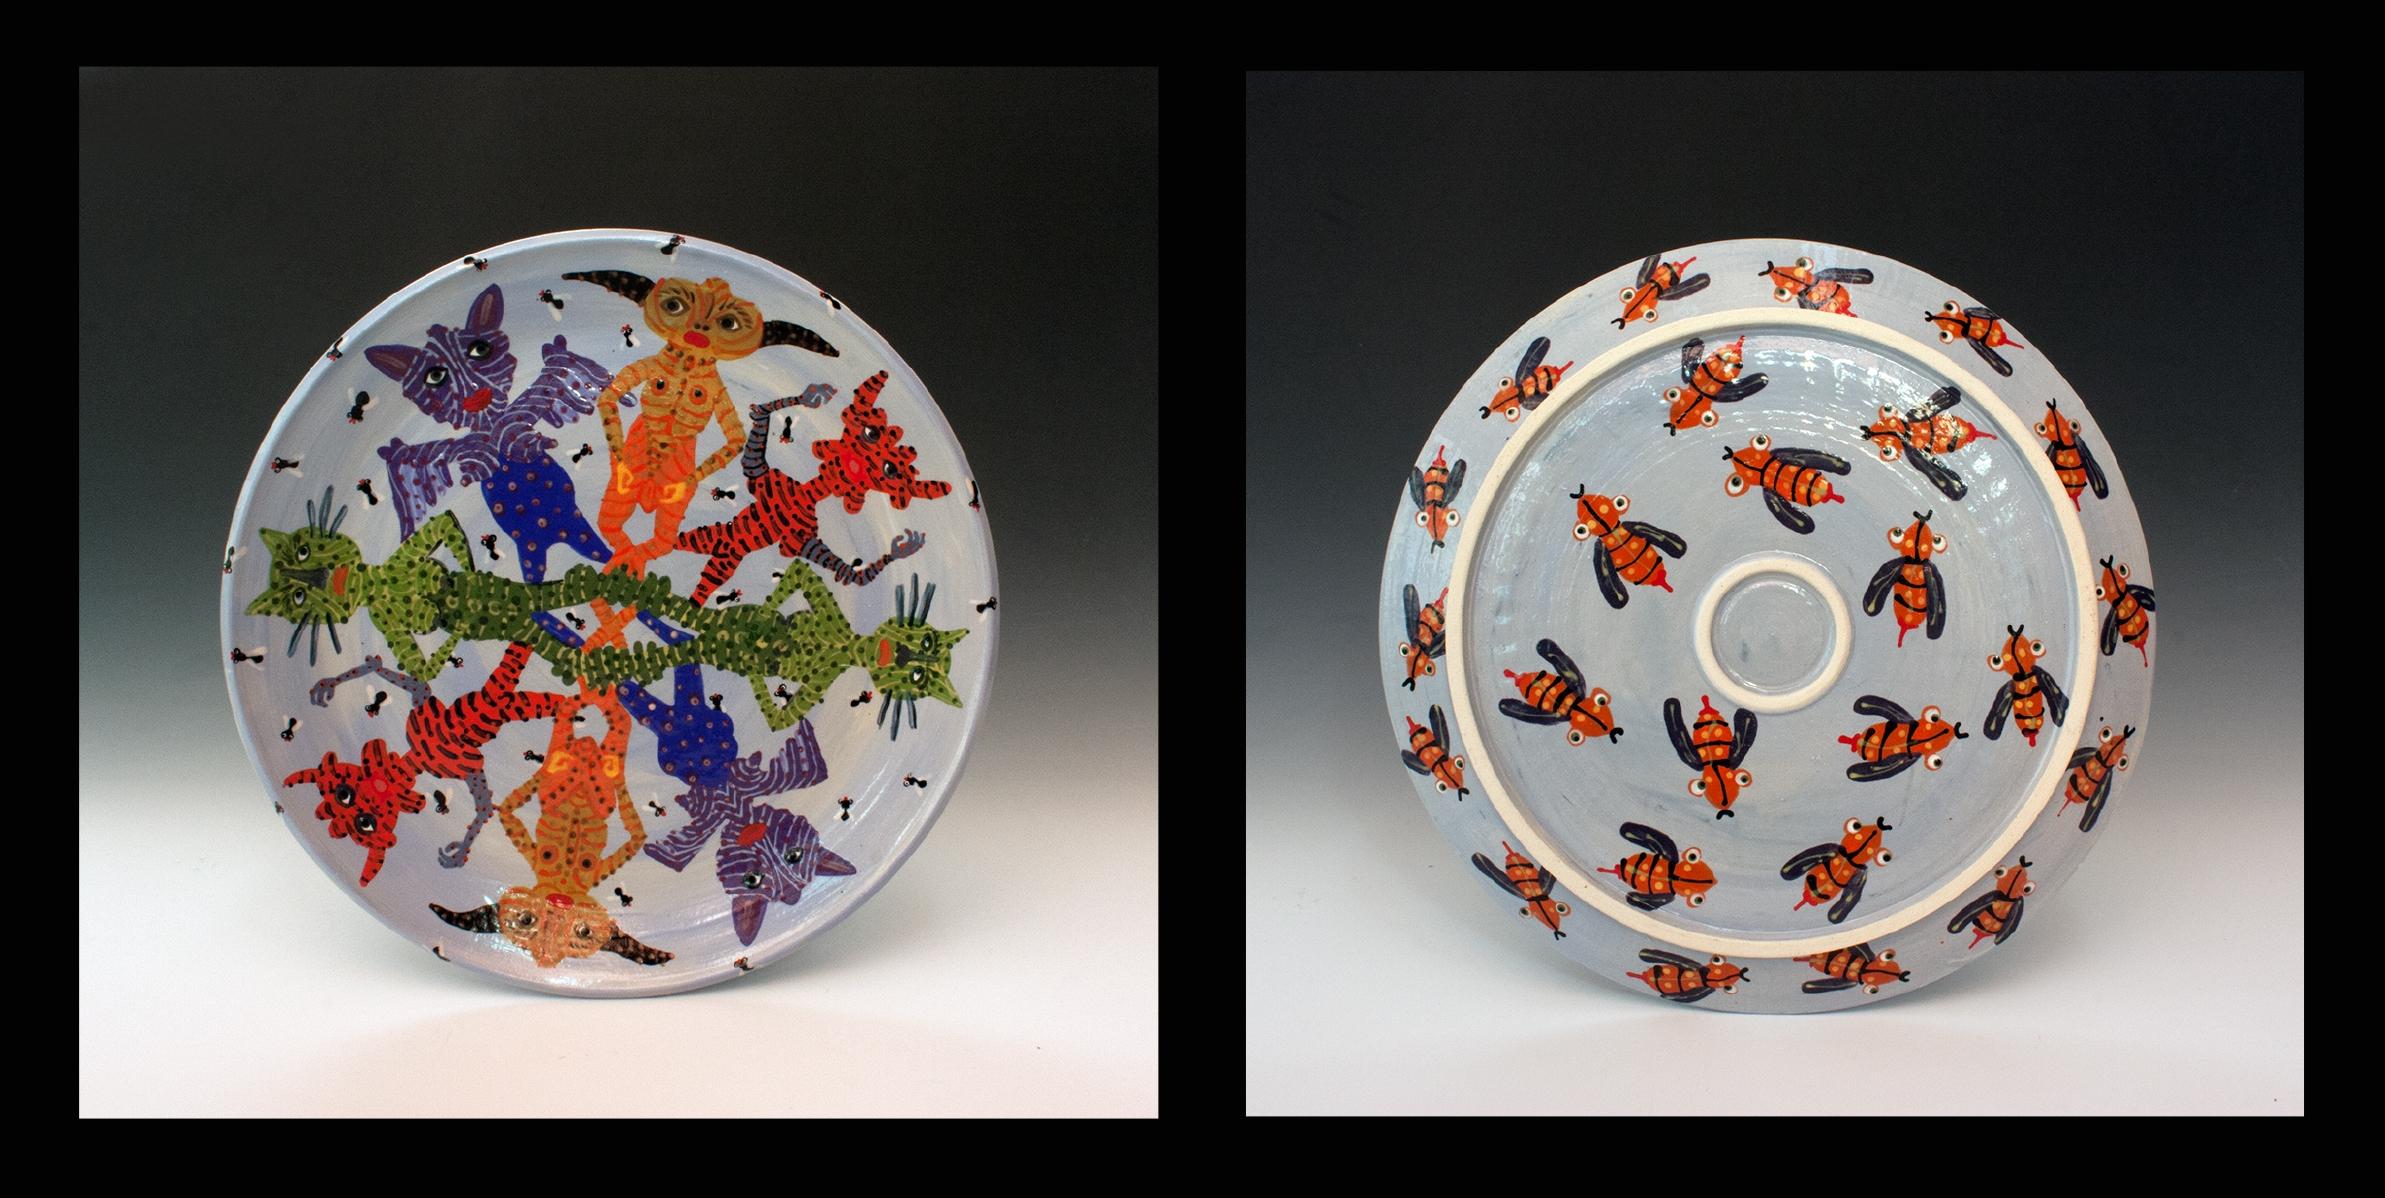 Monster Plate, 2015